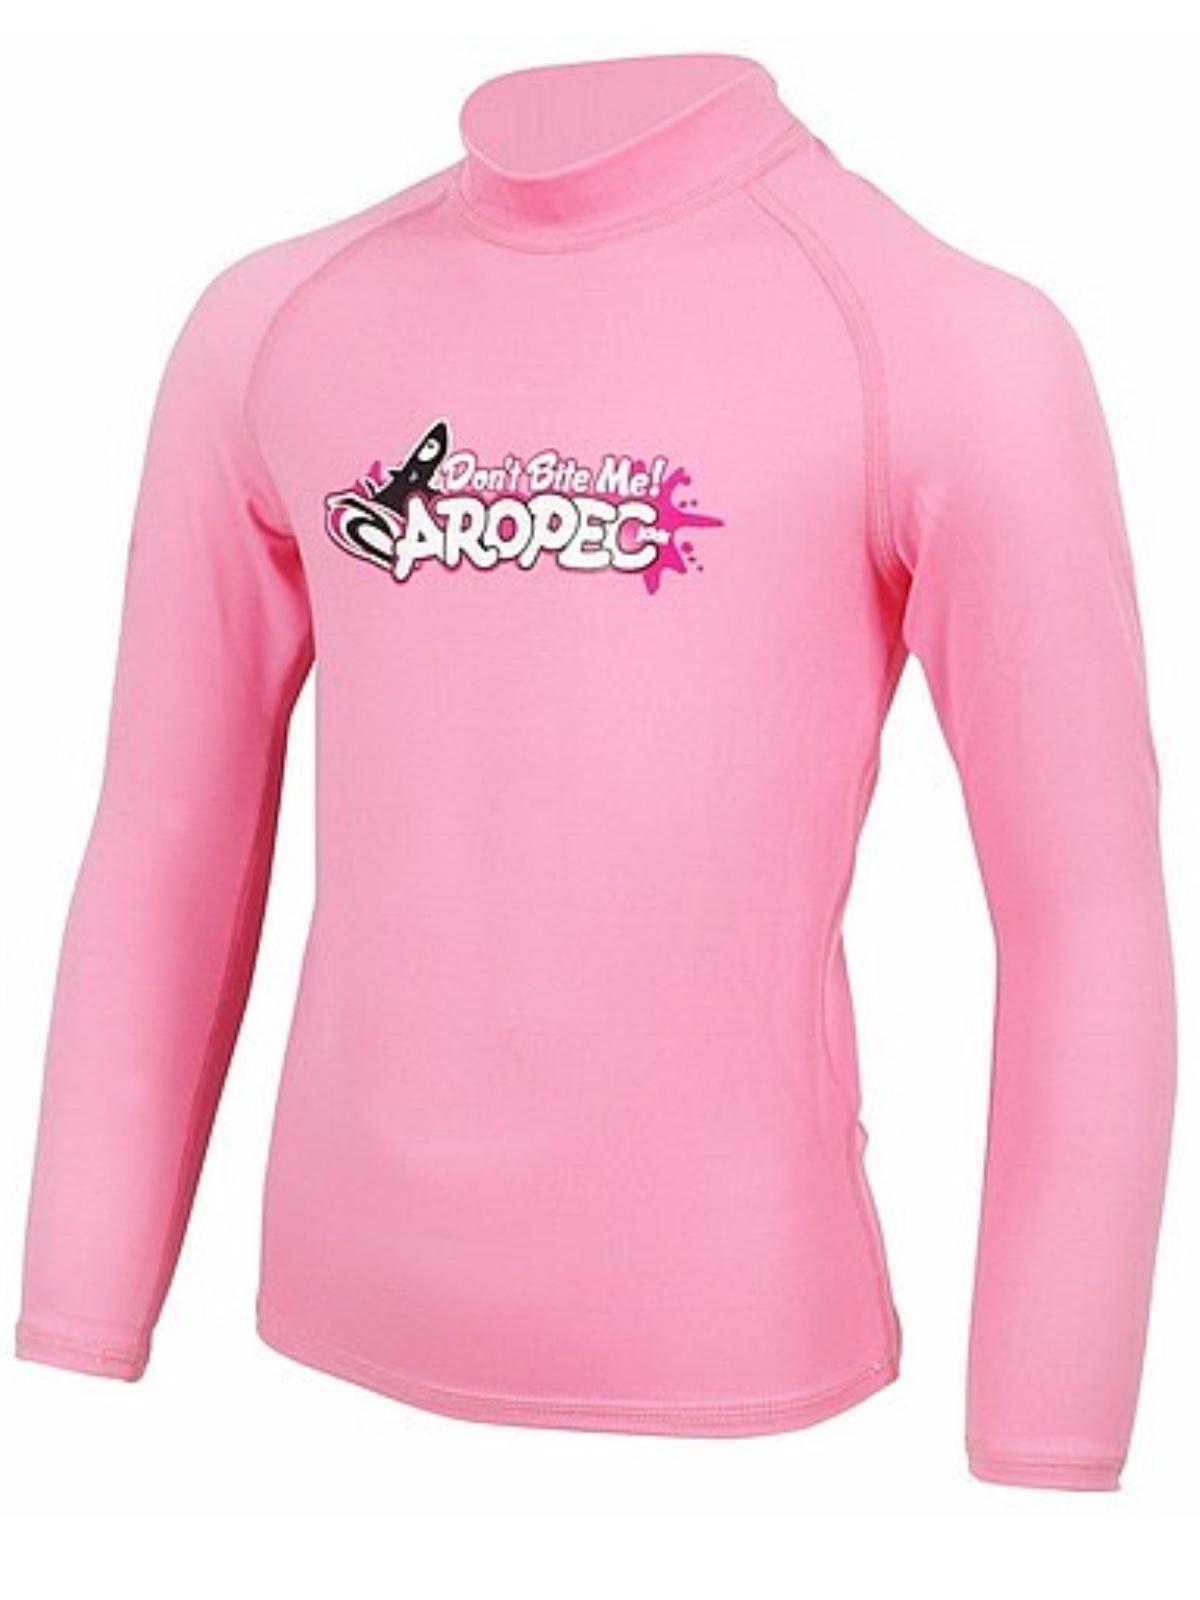 Lycrové triko AROPEC Marvel Kid dětské růžové - vel. 10